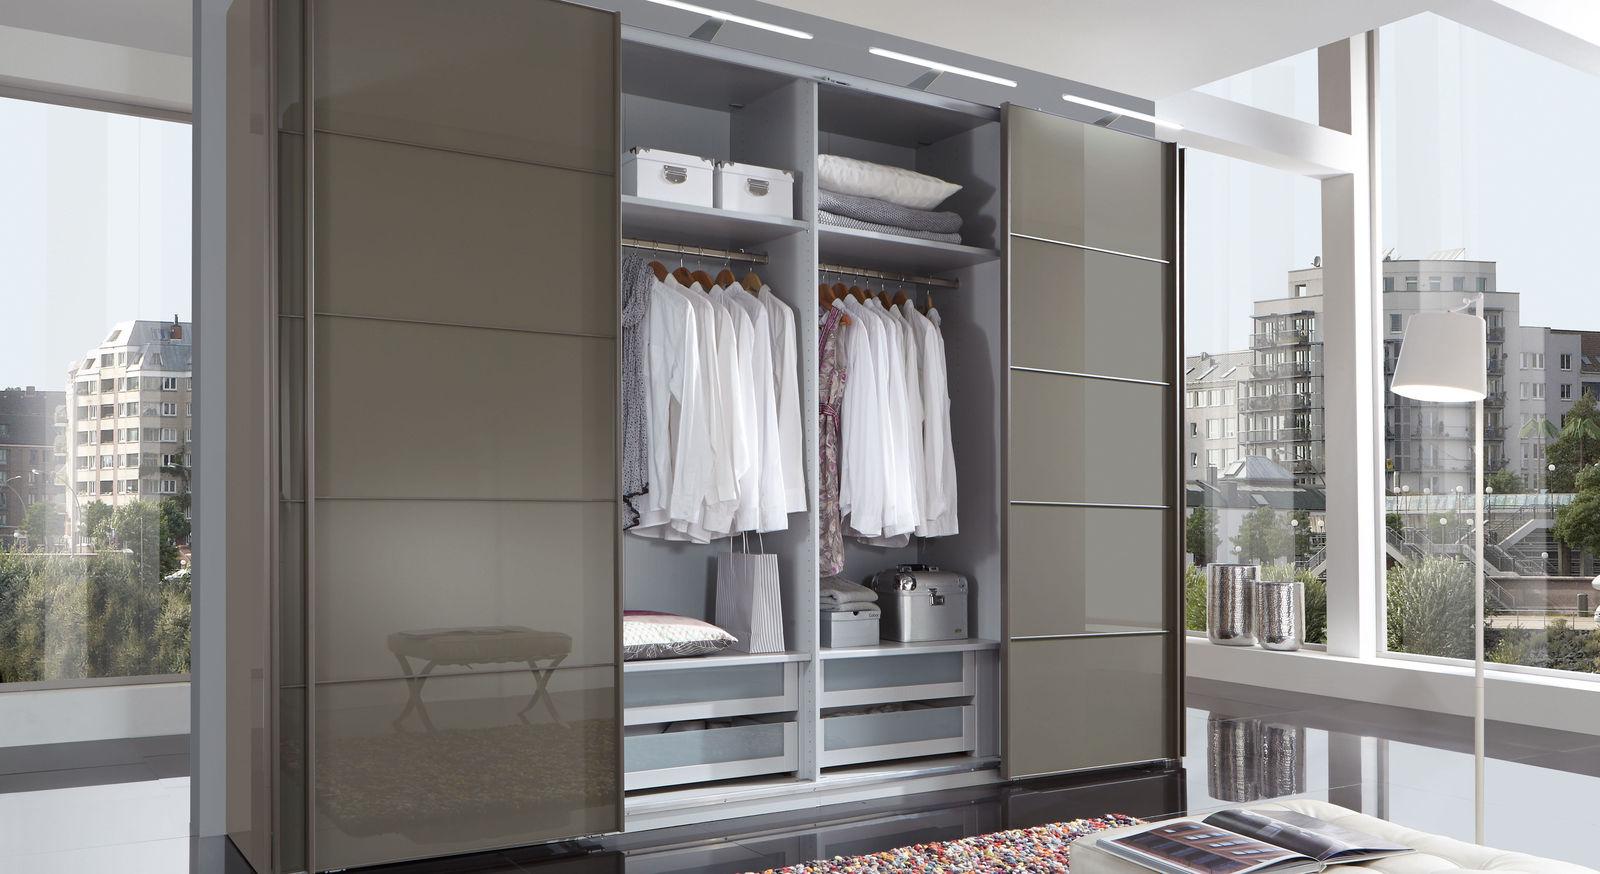 Schwebetüren-Kleiderschrank Dilly mit Metall-Kleiderstangen